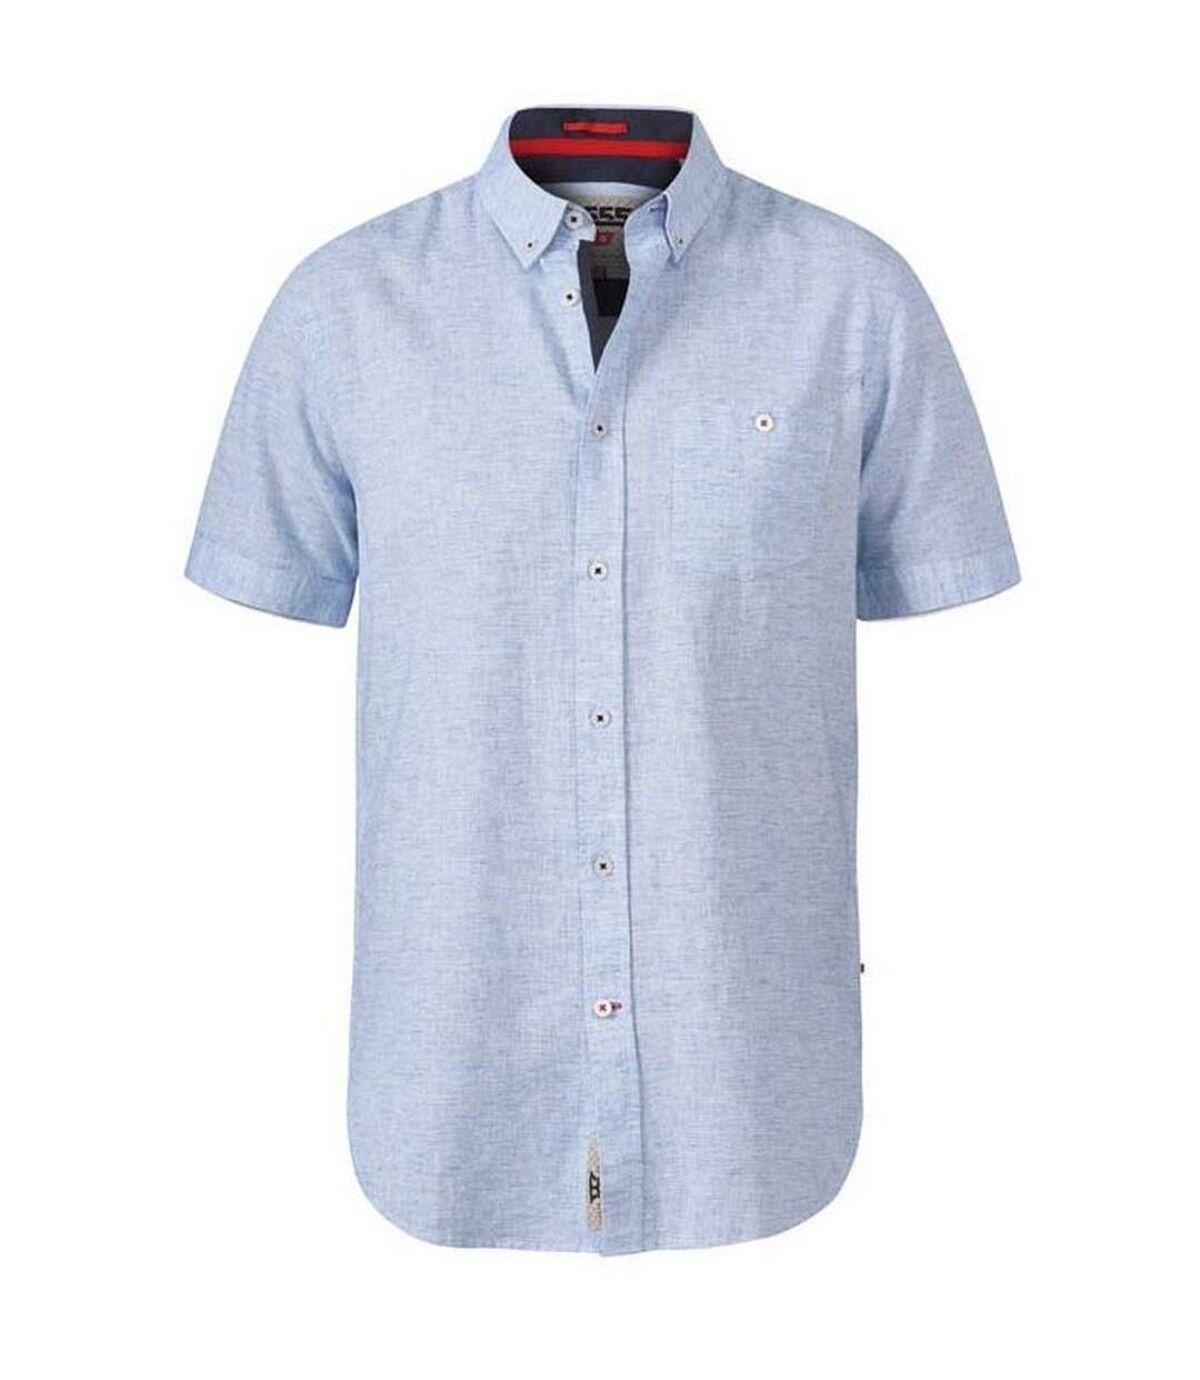 Duke Mens Reid D555 Linen Short Sleeve Shirt (Sky Blue) - UTDC267